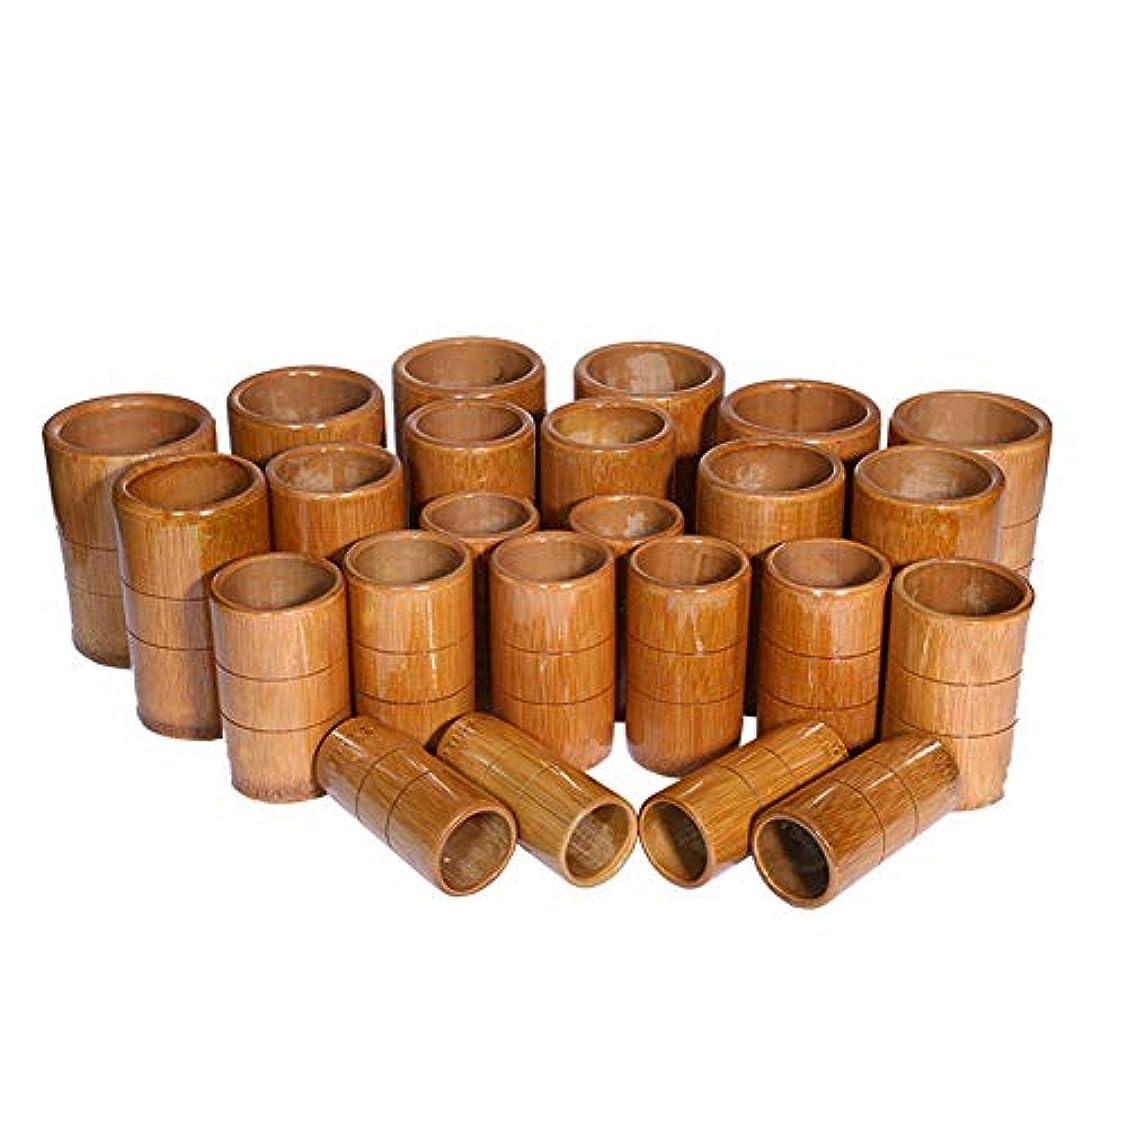 軍隊祝福するを除くカッピング竹療法セットマッサージ真空カップキット - 炭缶鍼灸医療吸引セット,A10pcs